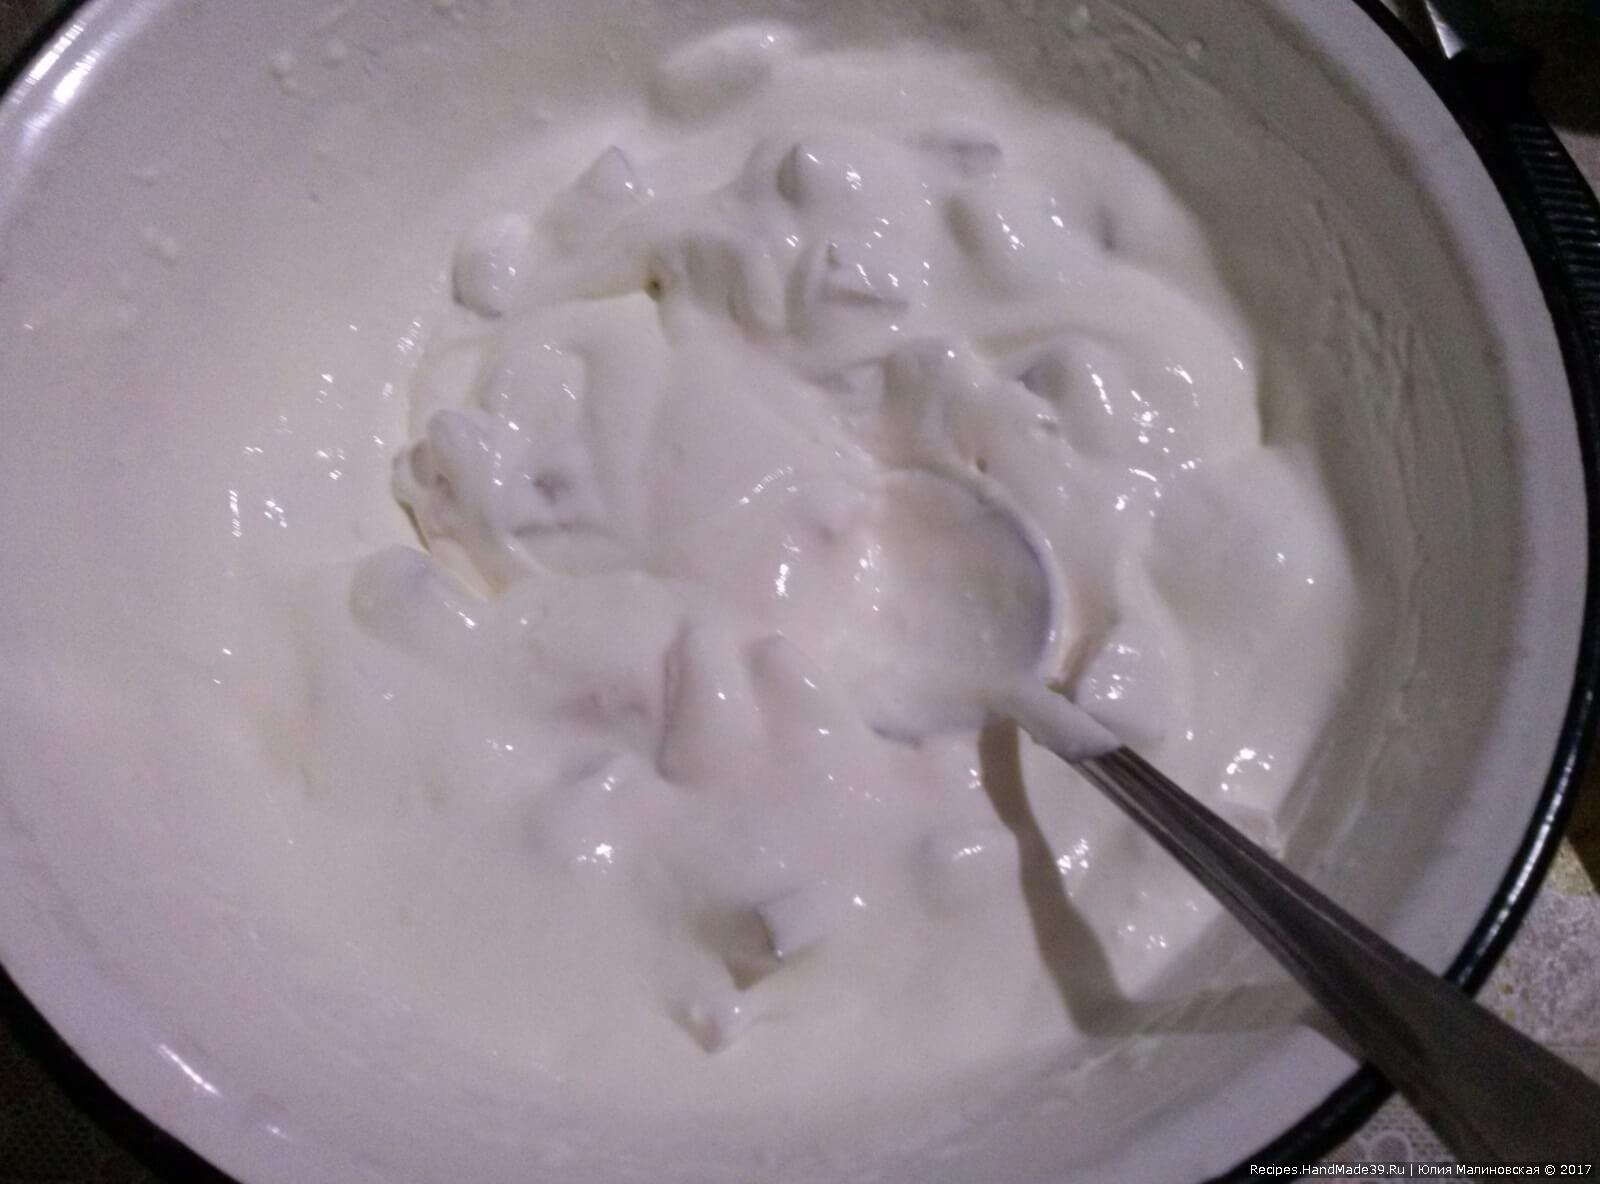 Приготовление крема: хорошо взбить сметану, сахар и загуститель для сливок. Добавить в крем мелкие ломтики от 1 спелой груши